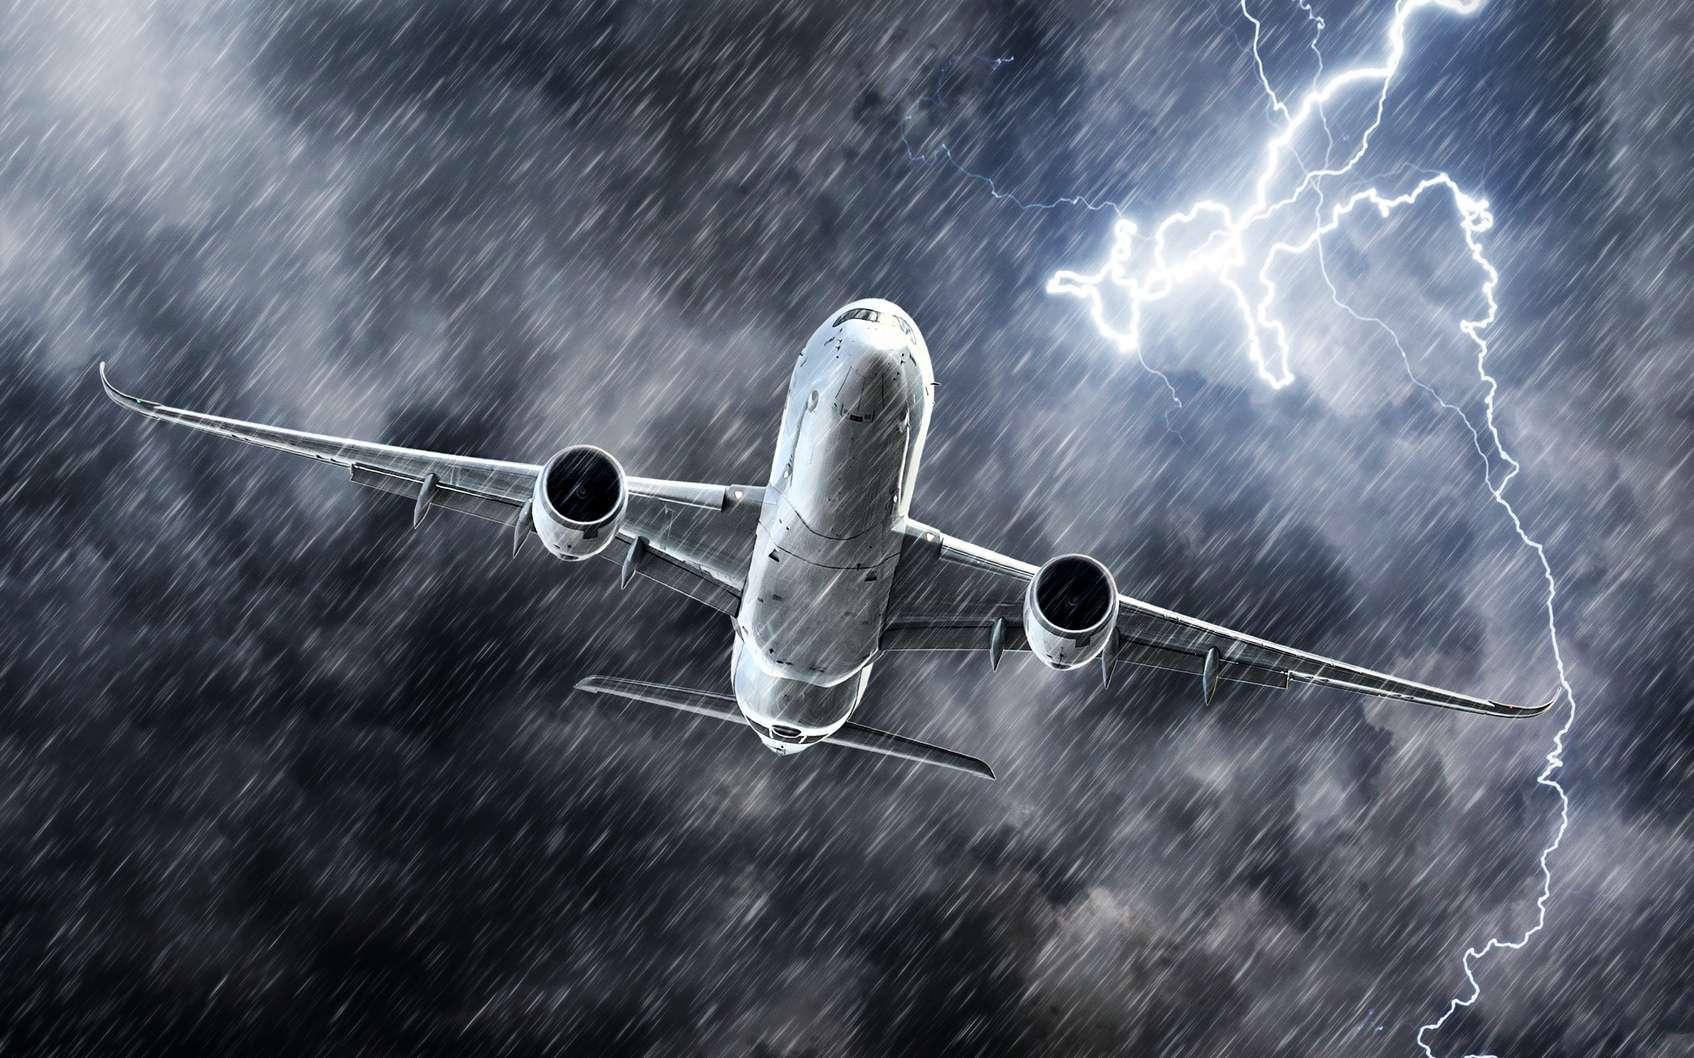 Les avions sont régulièrement frappés par la foudre. © aapsky, fotolia